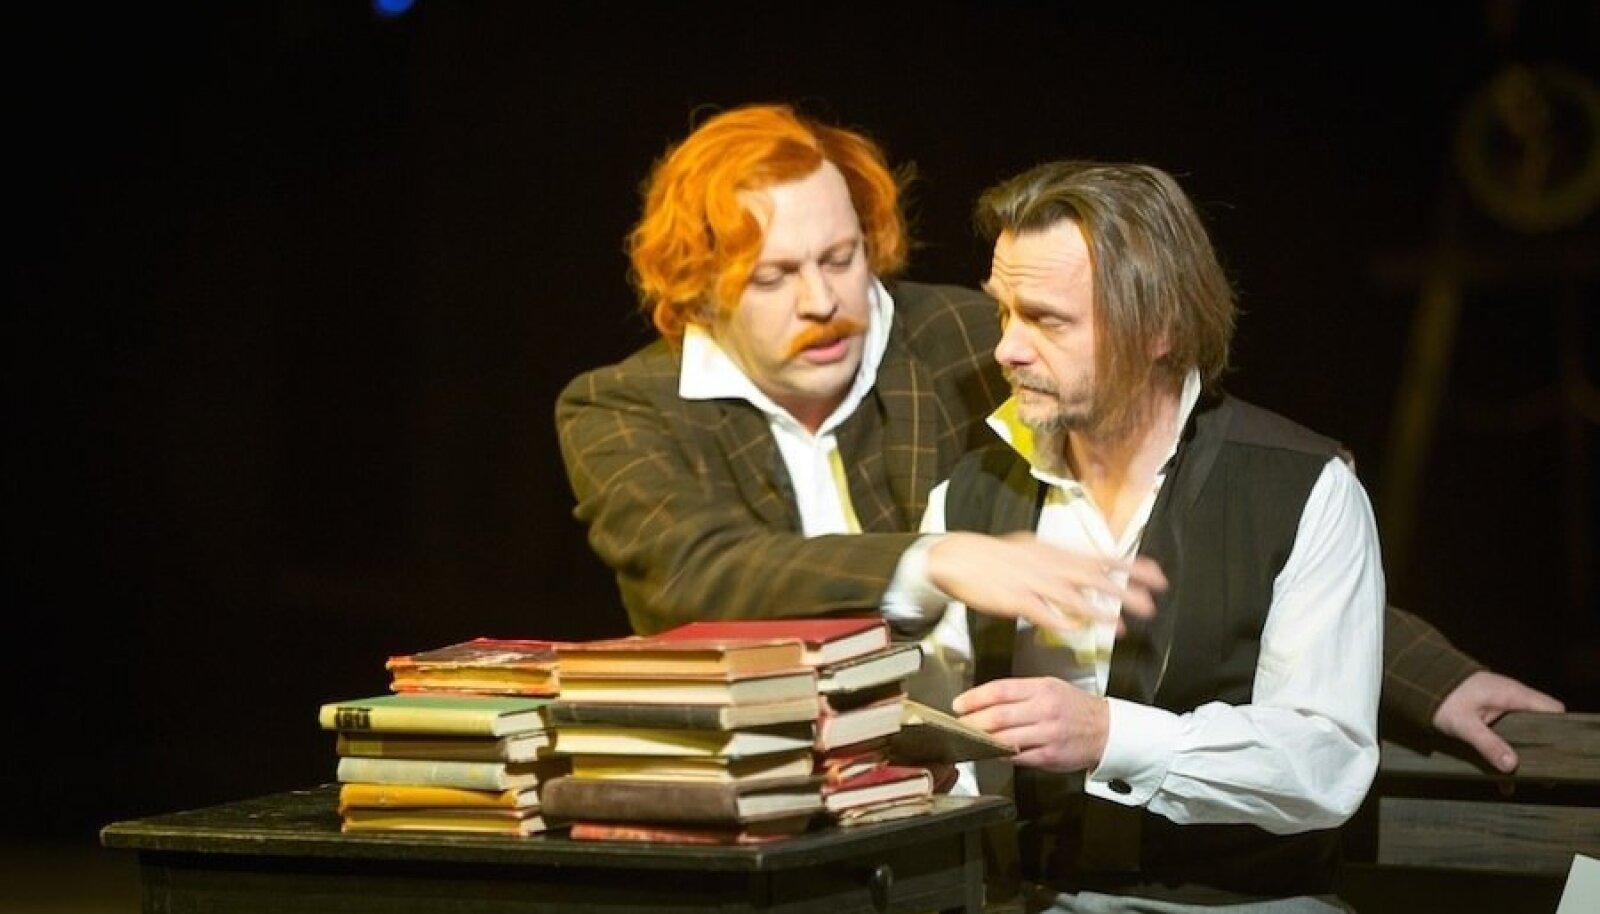 """Draamateatri """"Ivanov"""" kandideerib parima lavastuse tiitlile ja Borkinit mänginud Mait Malmsten (vasakul) parima kõrvalosatäitja auhinnale."""